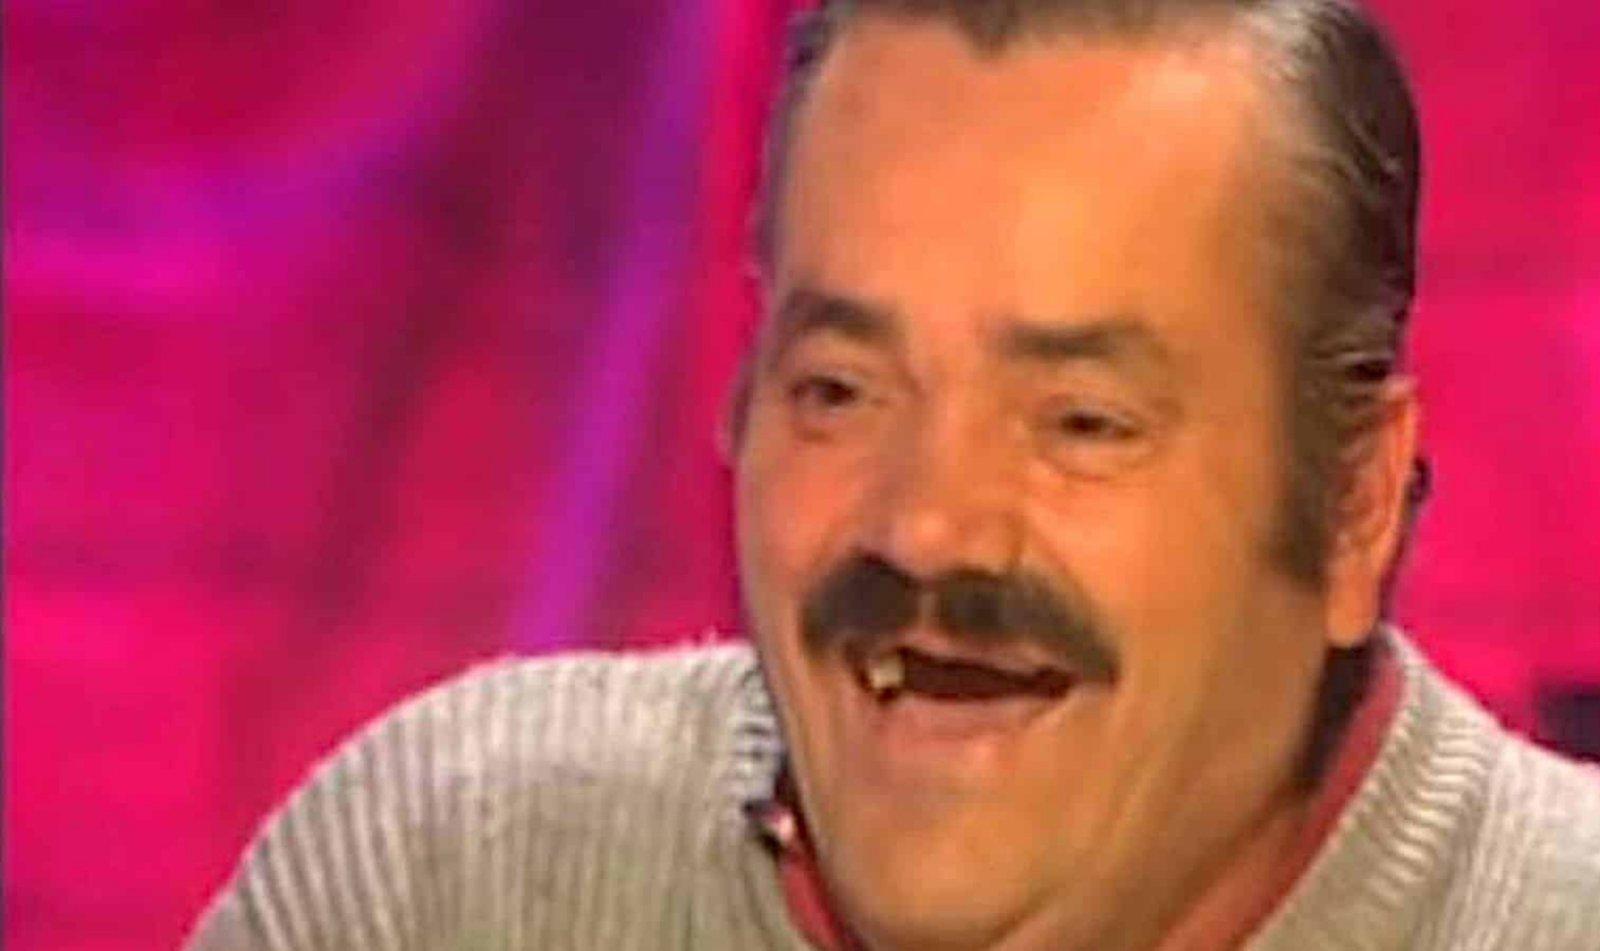 Умер актер Хуан Хоя Борха — герой мема про хохочущего испанца - RU.DELFI